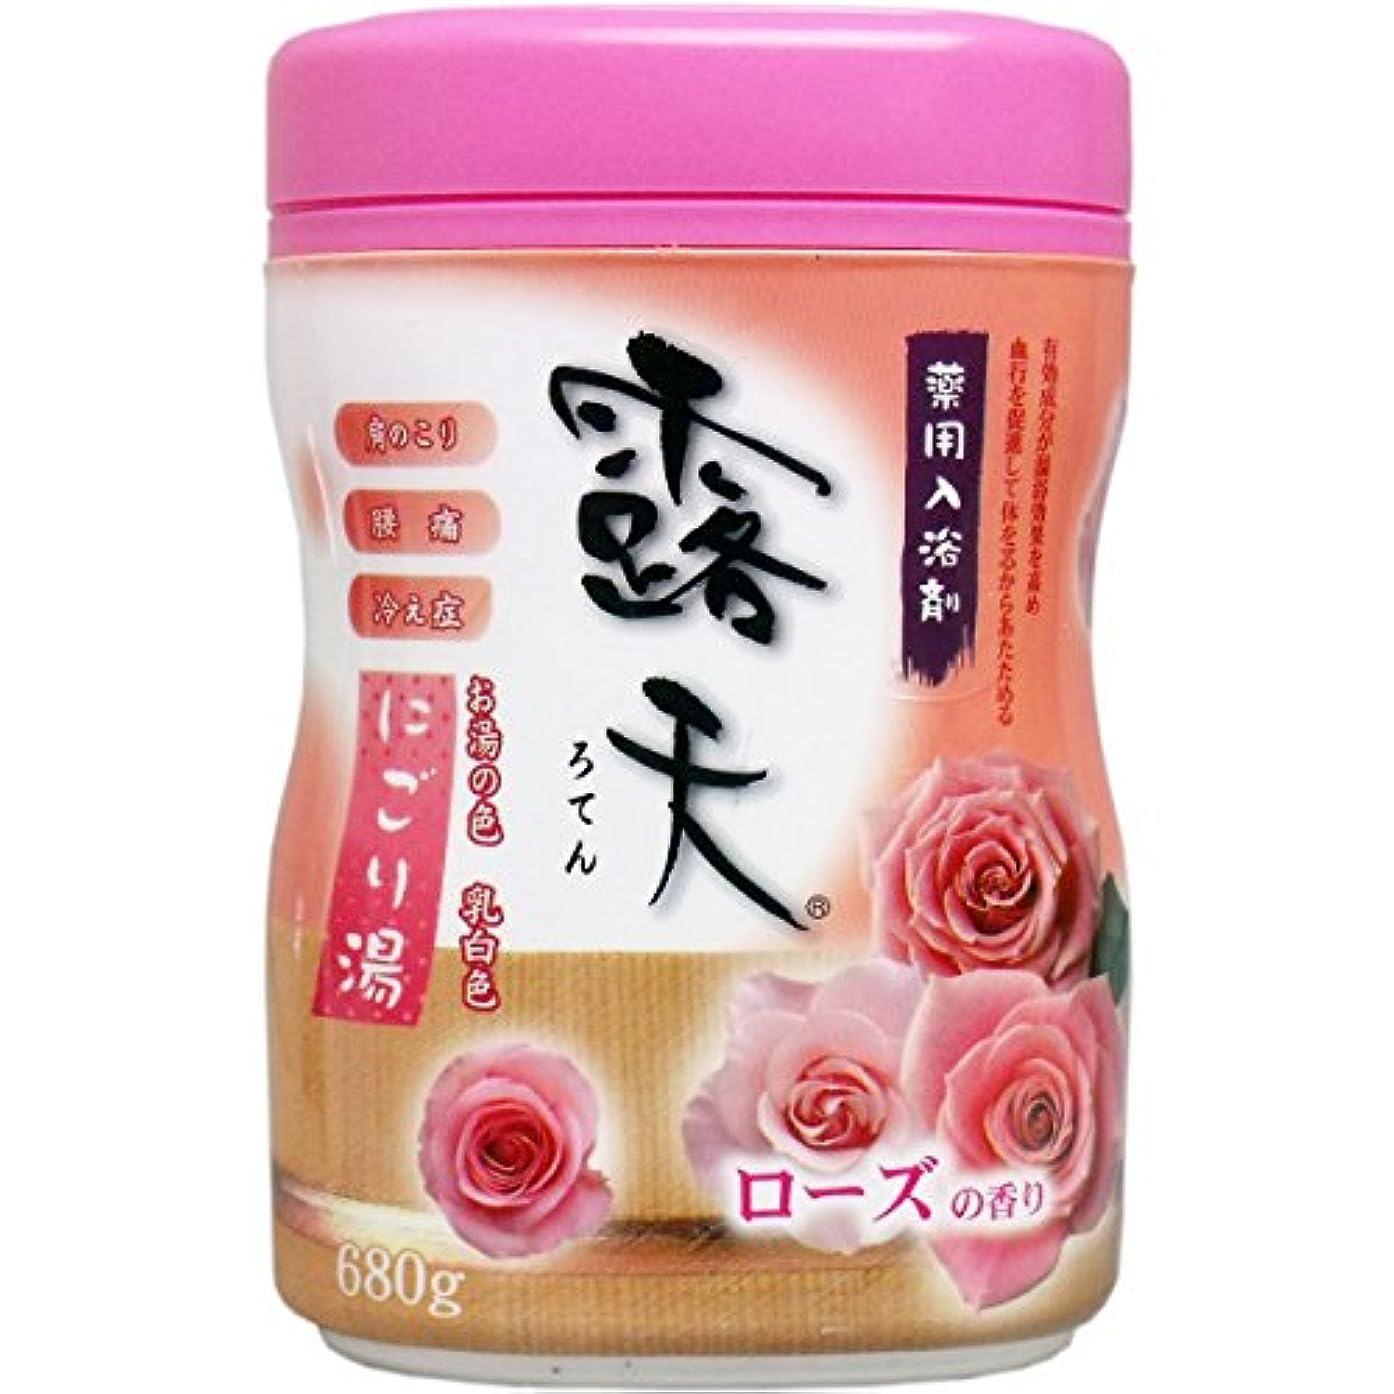 厳密に購入解く薬用入浴剤 露天 にごり湯 ローズの香り 680g